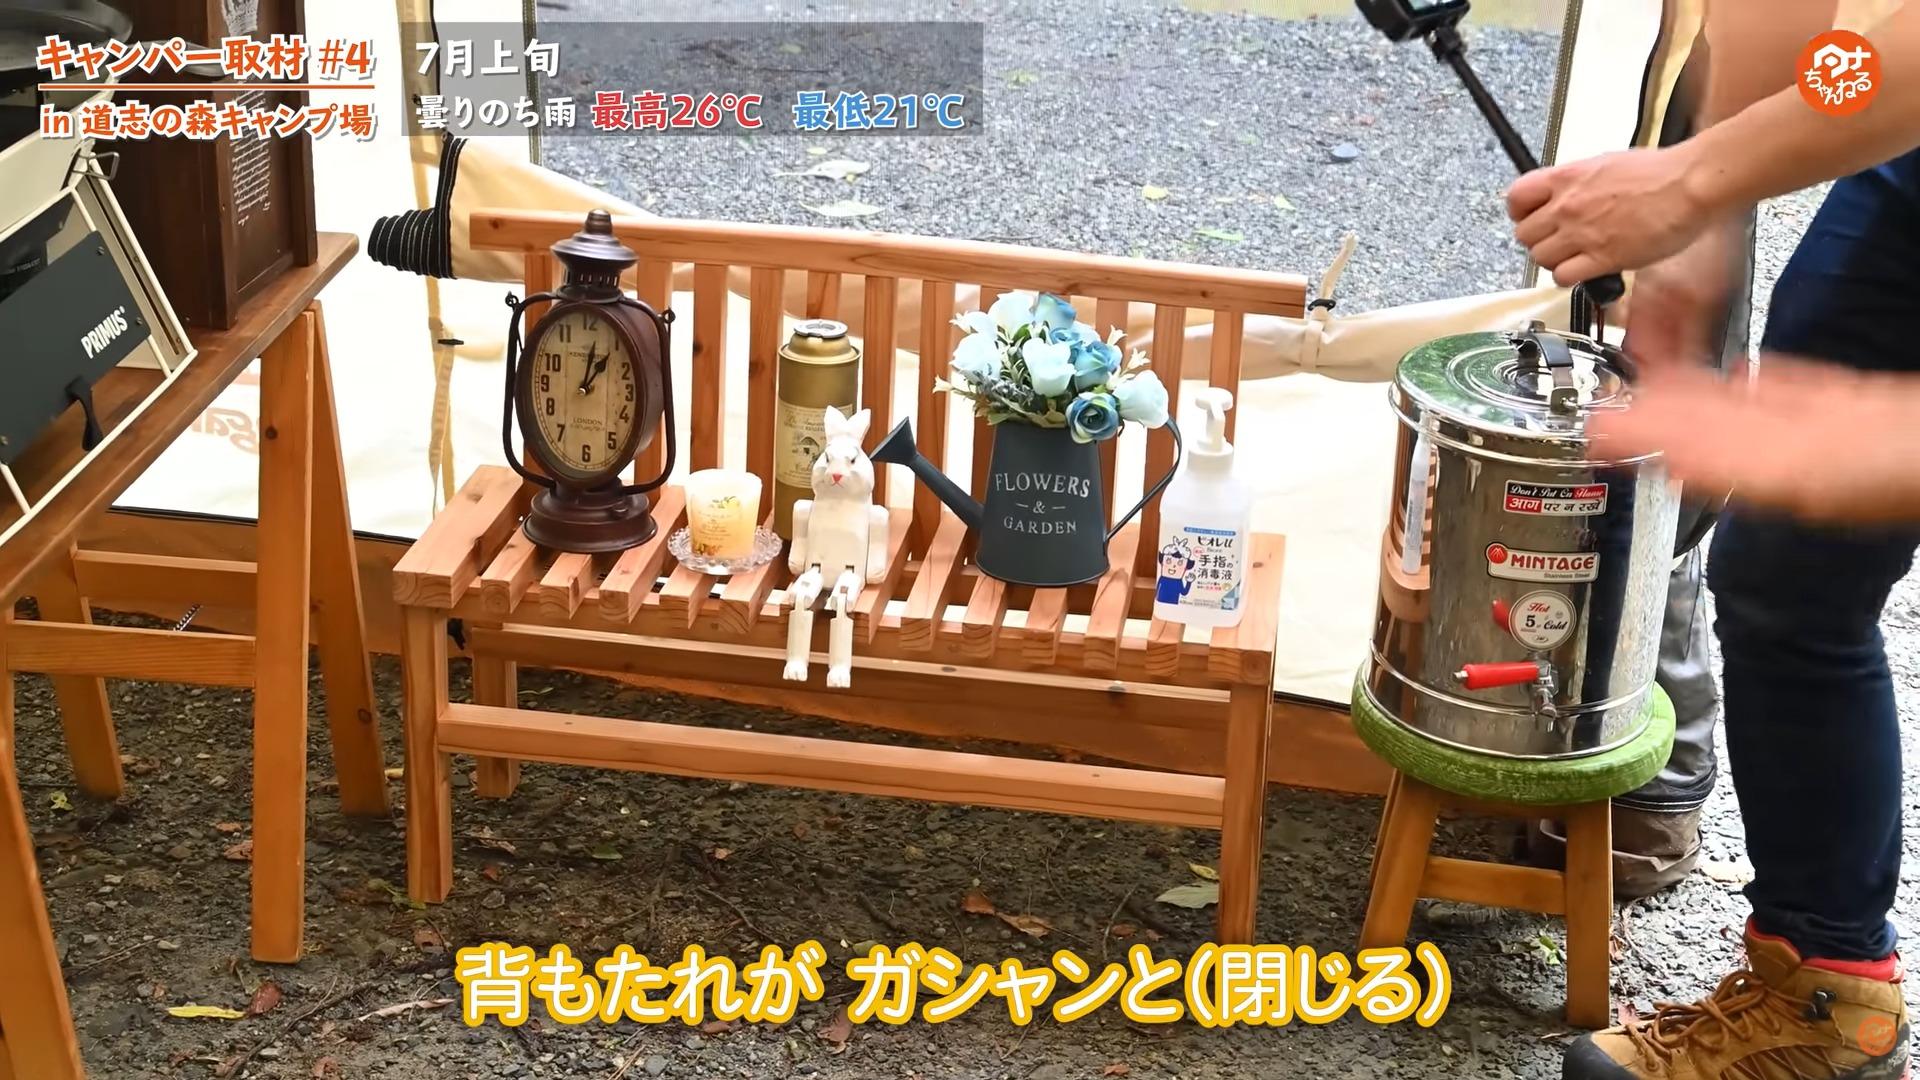 DIYキャンプ道具 (テーブル/ランタンケース/雑貨)